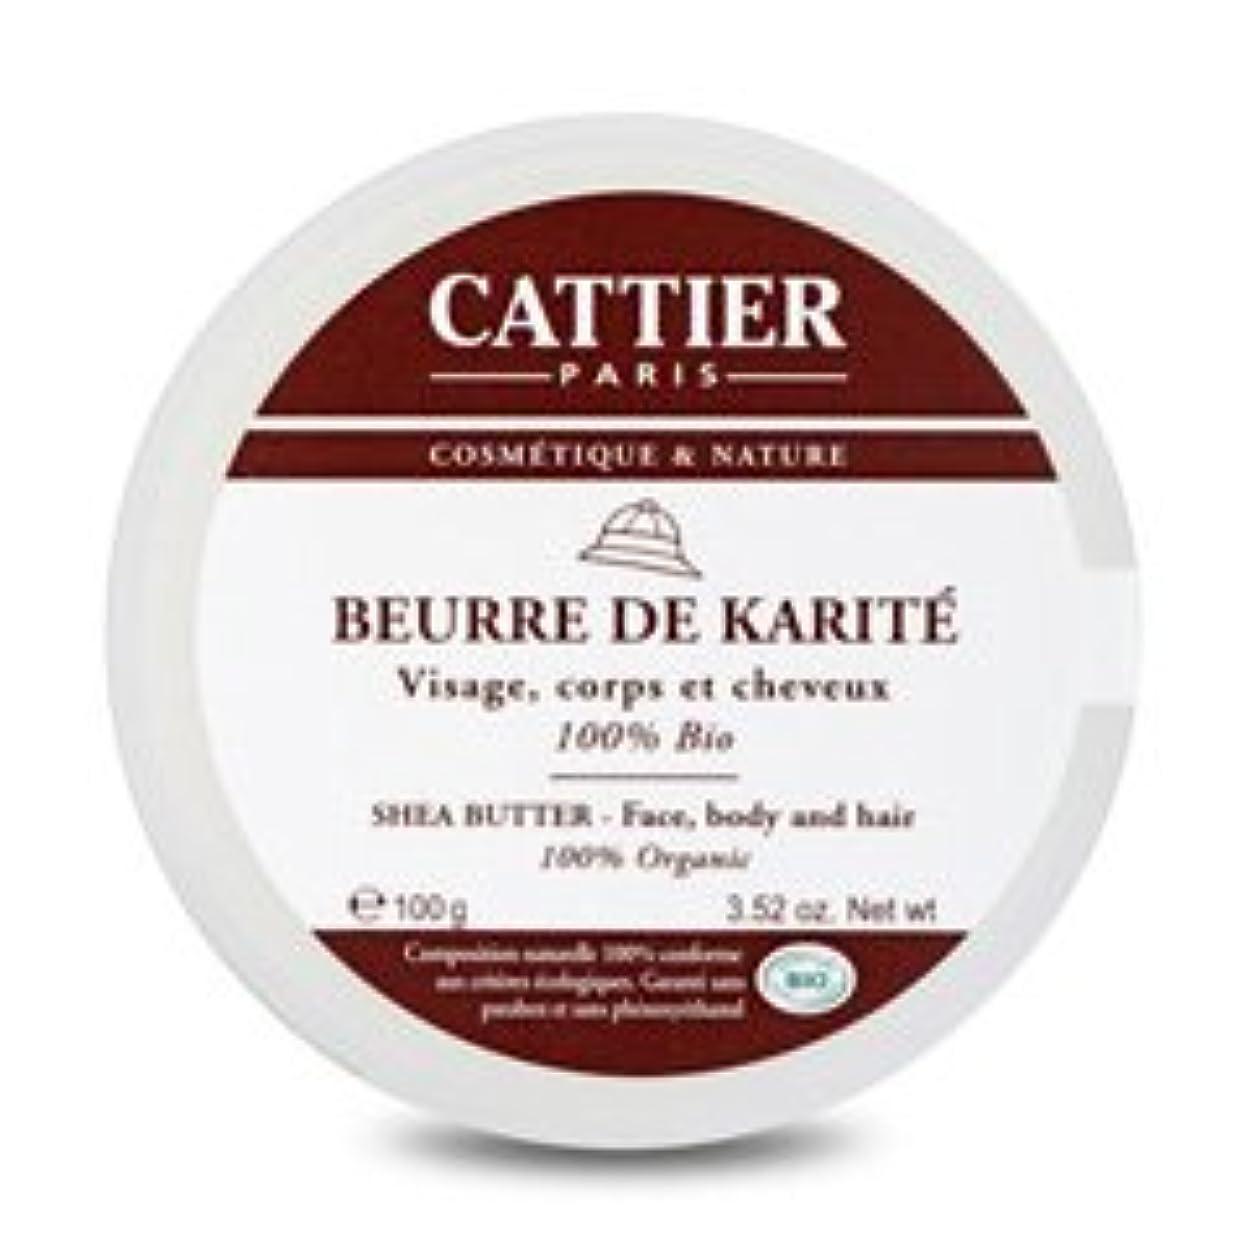 チョコレート関与する歯科医カティエ(cattier) シアバター 100% BIO 100g [海外直送品][並行輸入品]